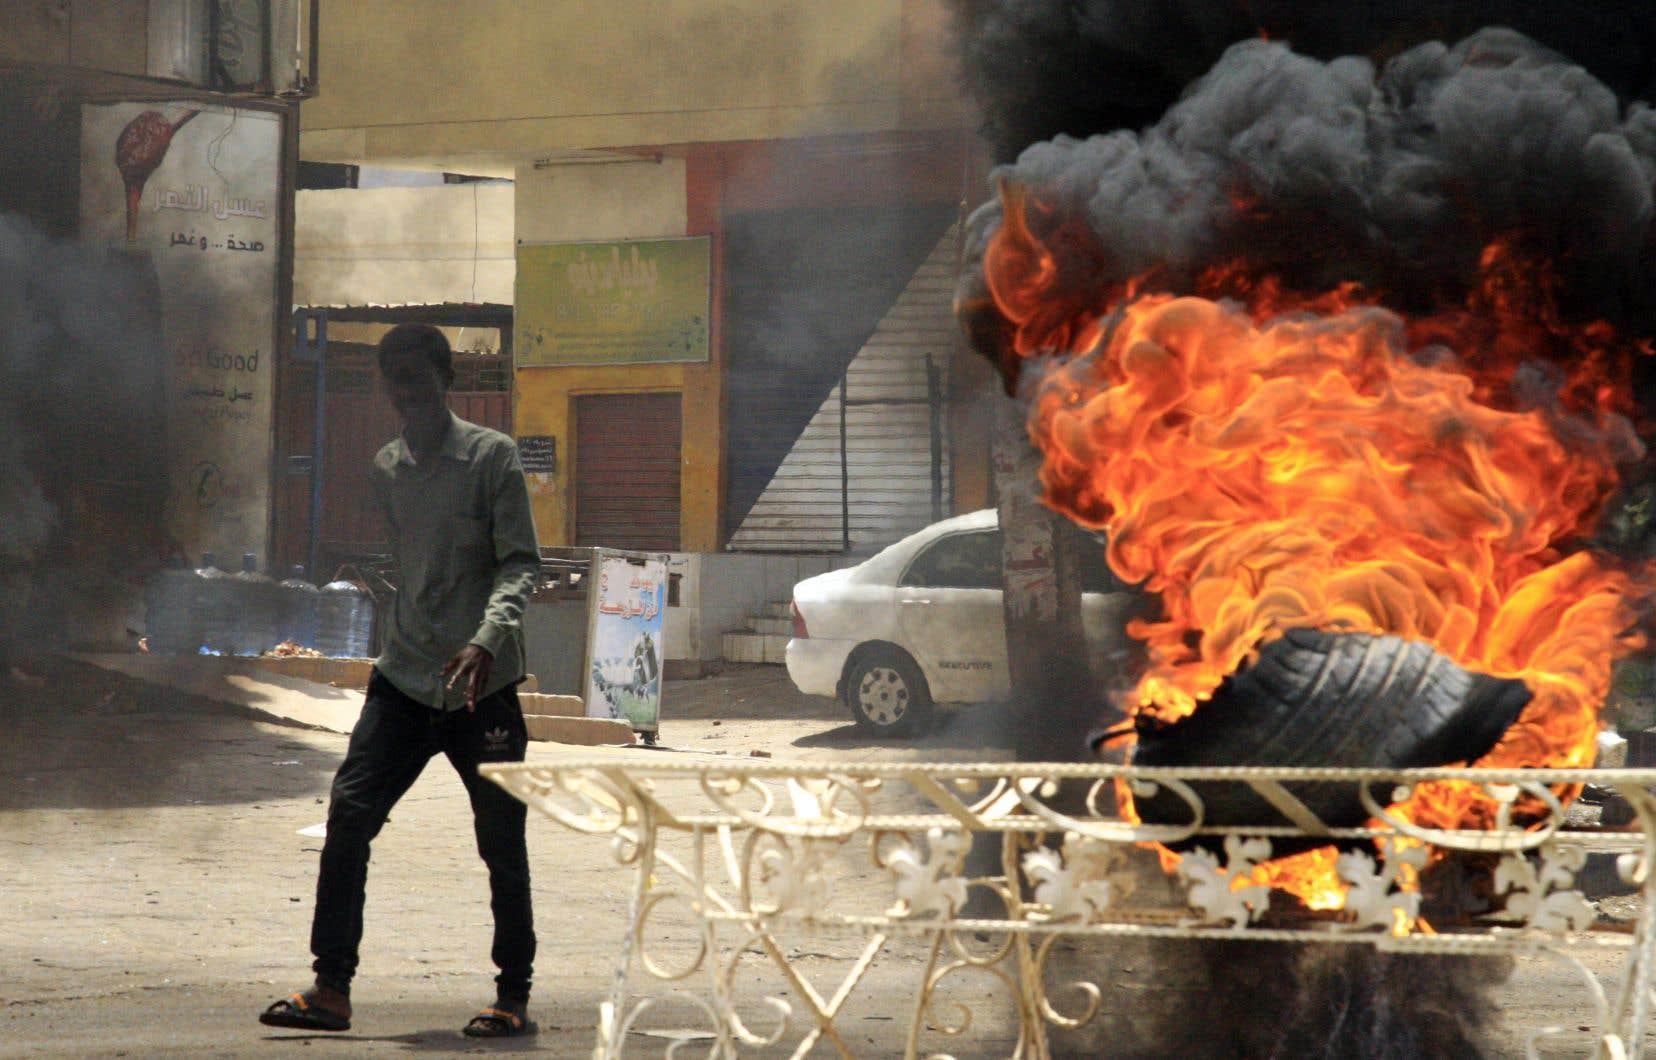 Au moins 108 personnes ont été tuées et plus de 500 blessées en trois jours, pour la plupart dans la dispersion brutale d'un «sit-in» devant le siège de l'armée le lundi 3 juin à Khartoum, capitale du Soudan.